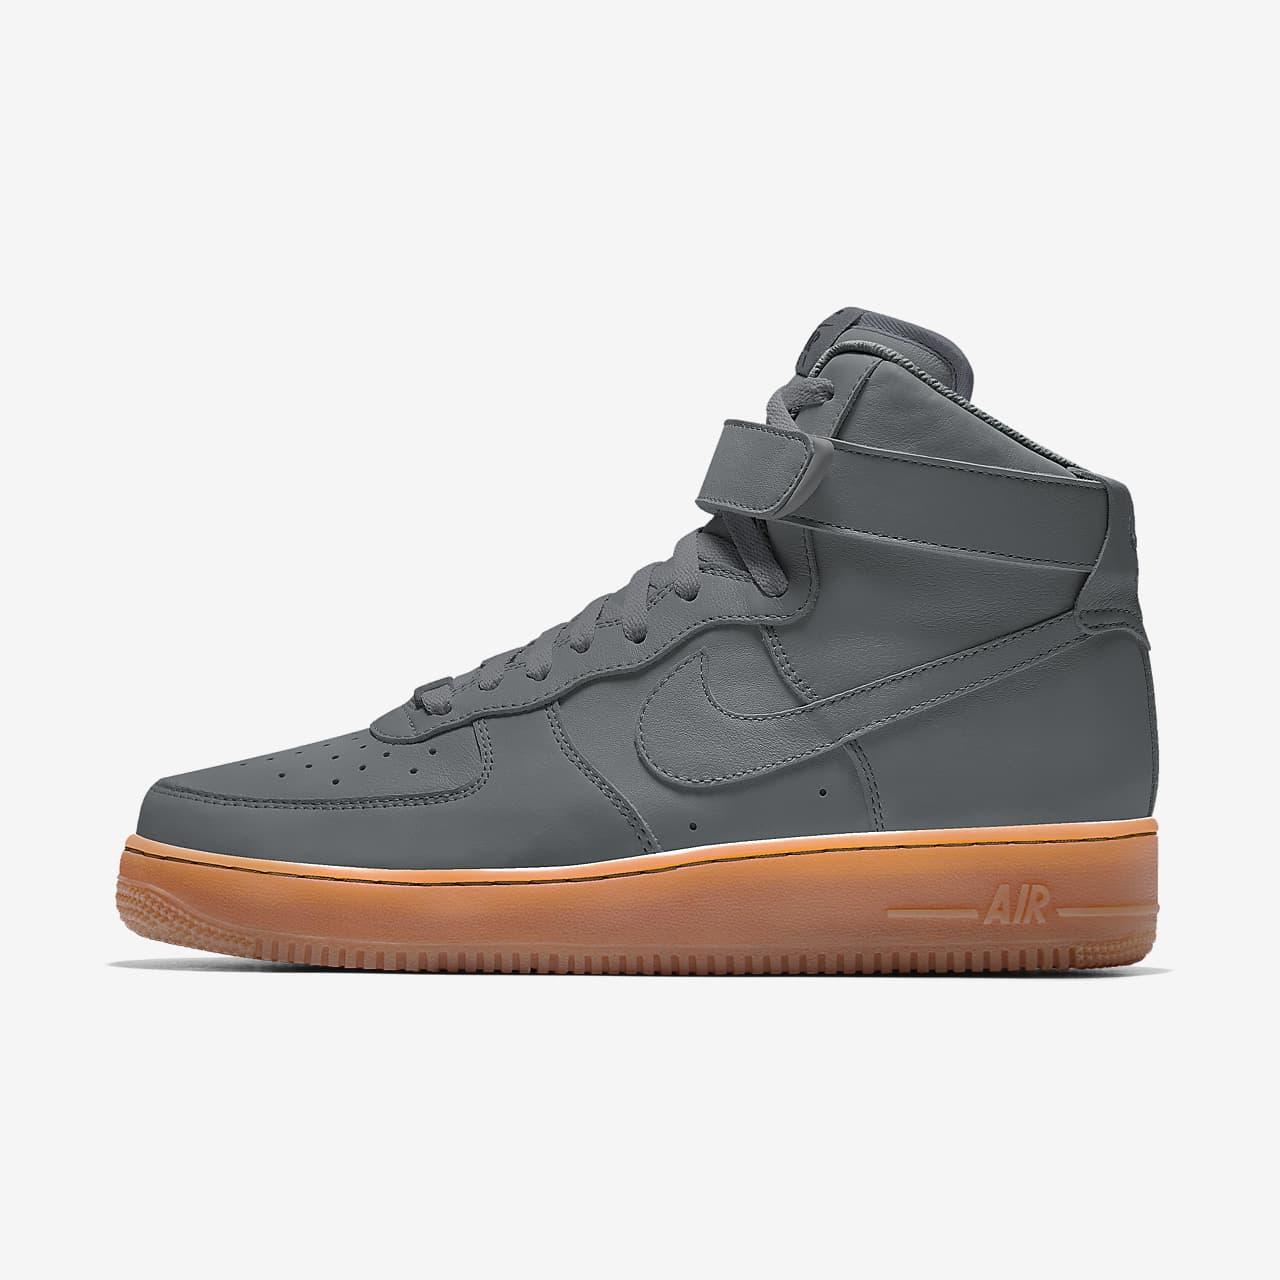 Nike Air Force 1 High By You Custom herenschoen